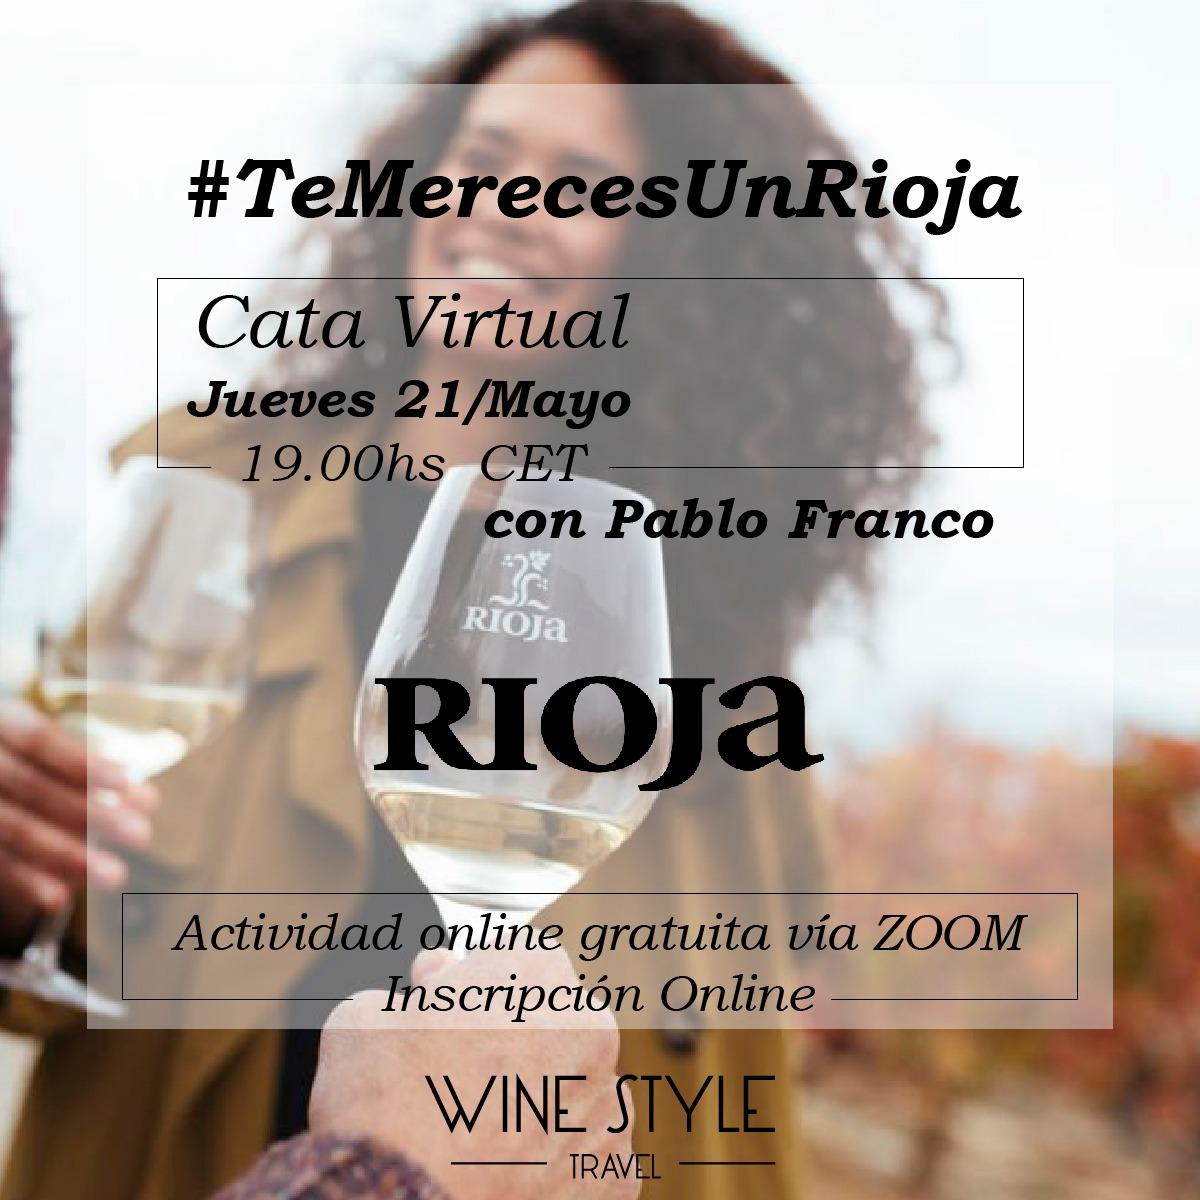 Apúntate a esta cata virtual de @WinestyleTravel a través de Zoom. Este jueves 21 de Mayo: últimas novedades de la DOCa Rioja con Pablo Franco, Director Técnico de la Denominación https://winestyletravel.com/producto/21-mayo-te-mereces-un-rioja-ultimas-novedades-de-la-doc-rioja-con-pablo-franco-director-tecnico-de-la-denominacion/… #Rioja #RiojaWine #Winelovers #cata #Catavirtual pic.twitter.com/xIuNvKAt6K